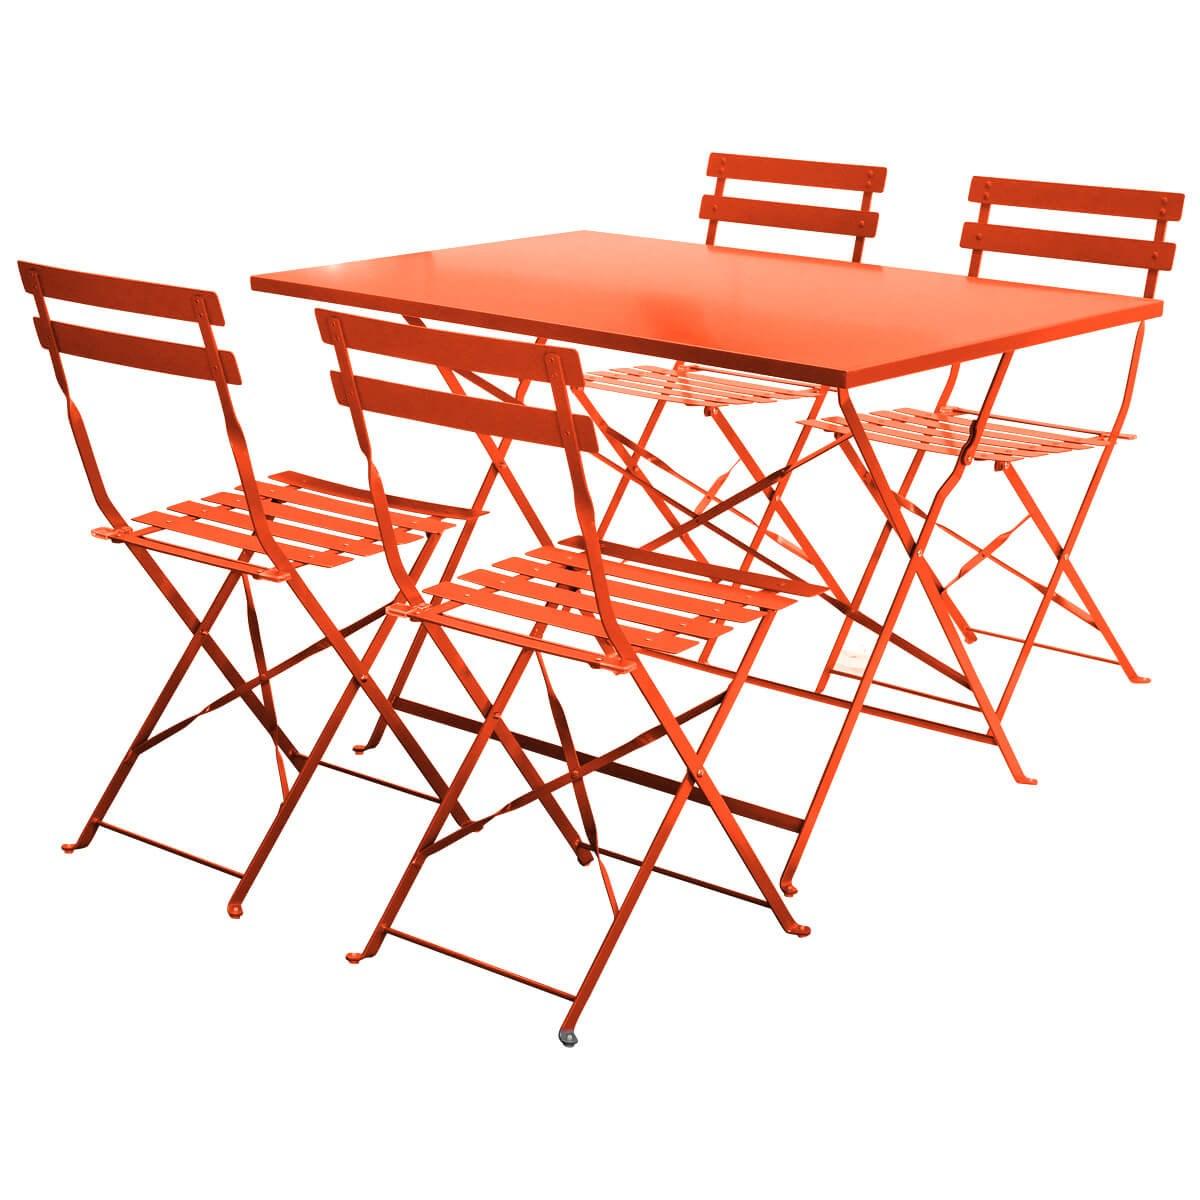 4 Seater Folding Bistro Set Navy or Orange